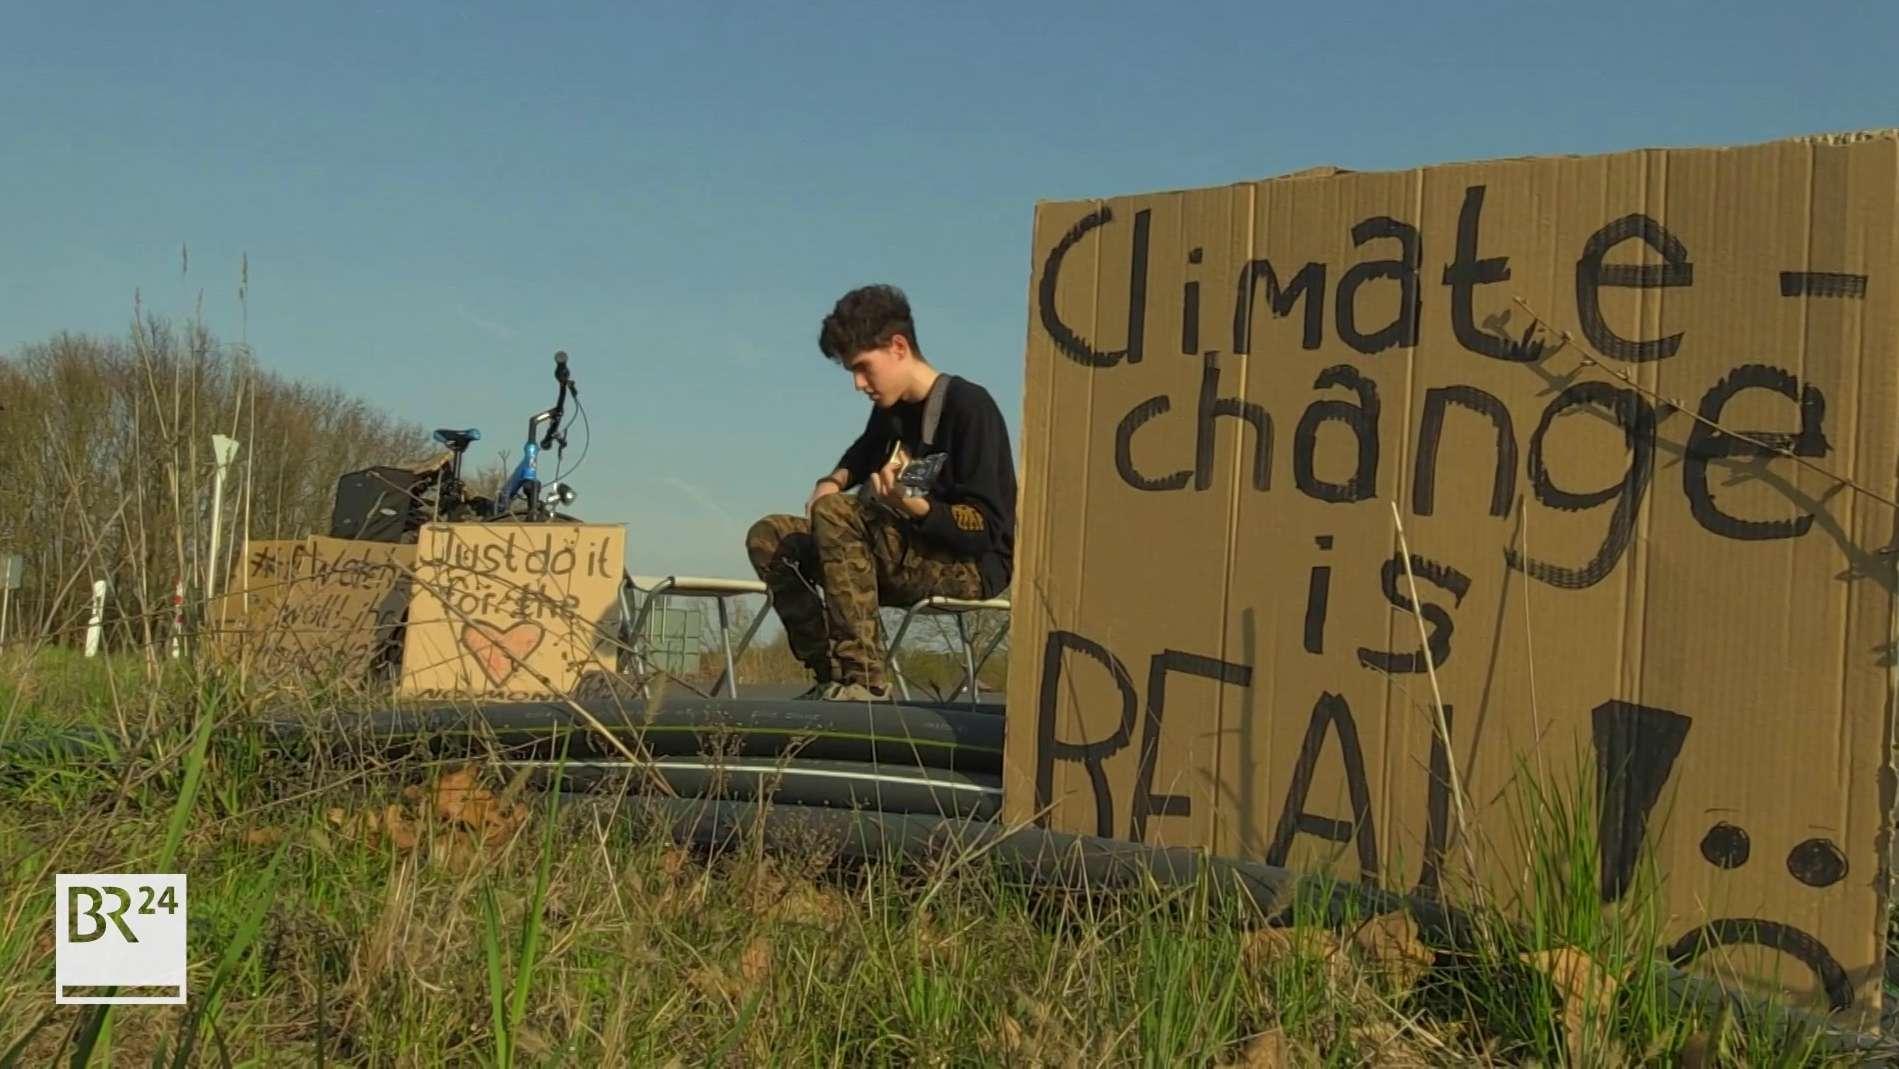 Elias Bretscher spielt Gitarre, um auf den Klimawandel aufmerksam zu machen